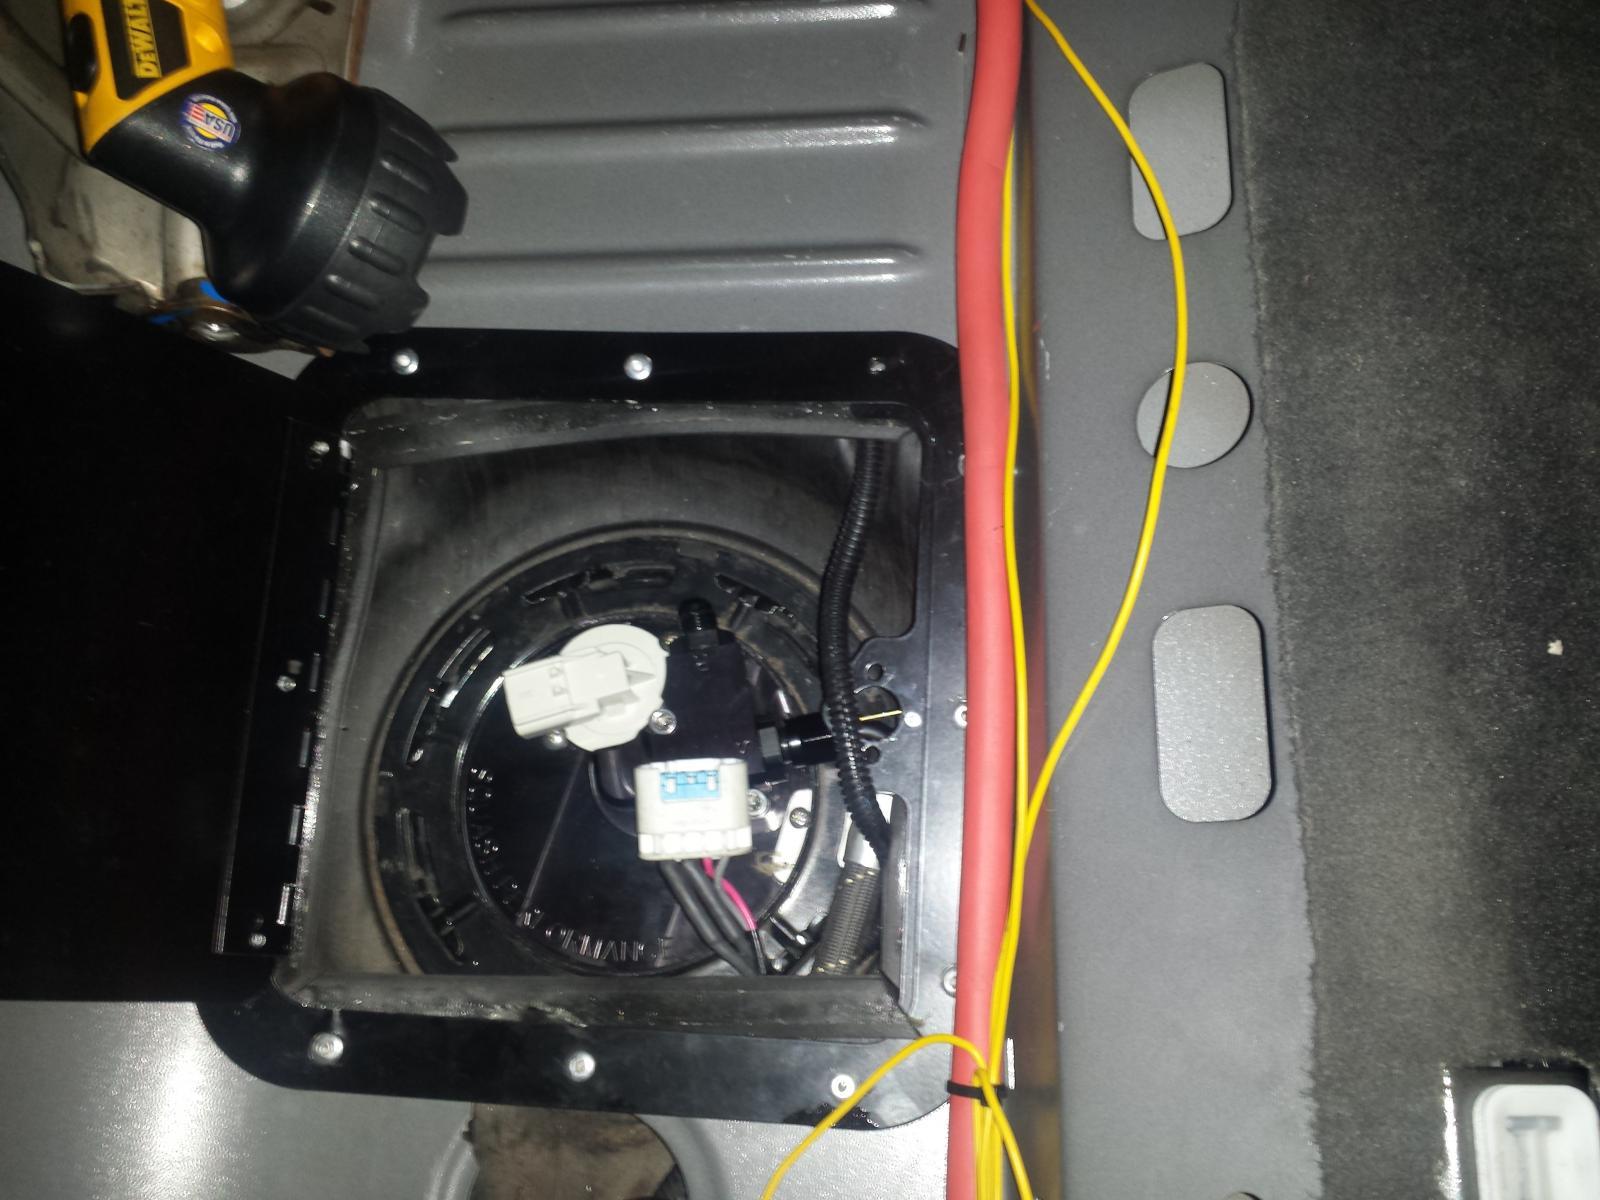 2013 fuel tank trap door   bad idea - Camaro5 Chevy Camaro Forum